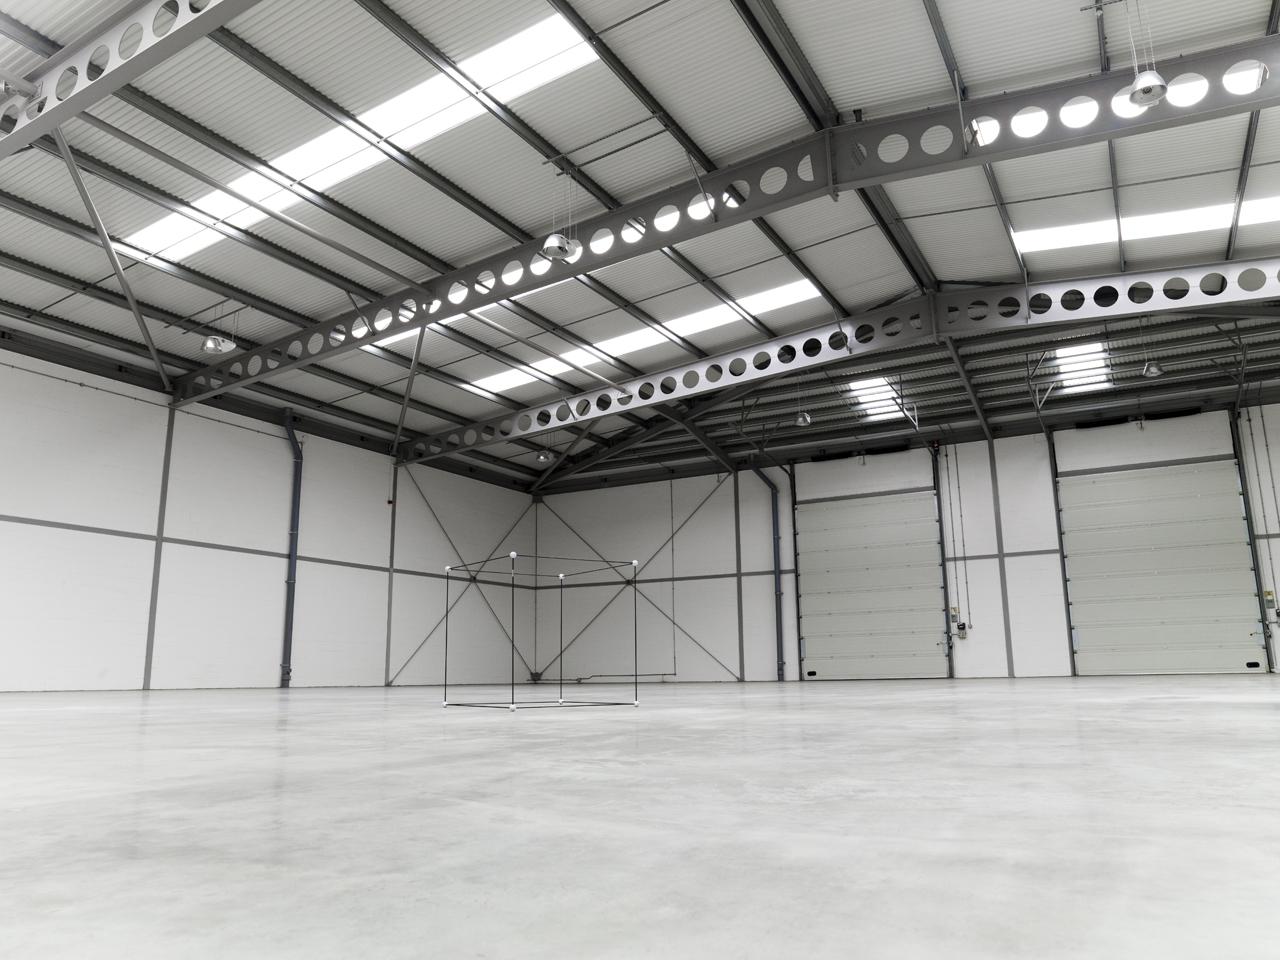 bsg hangar amb rad - photo #4